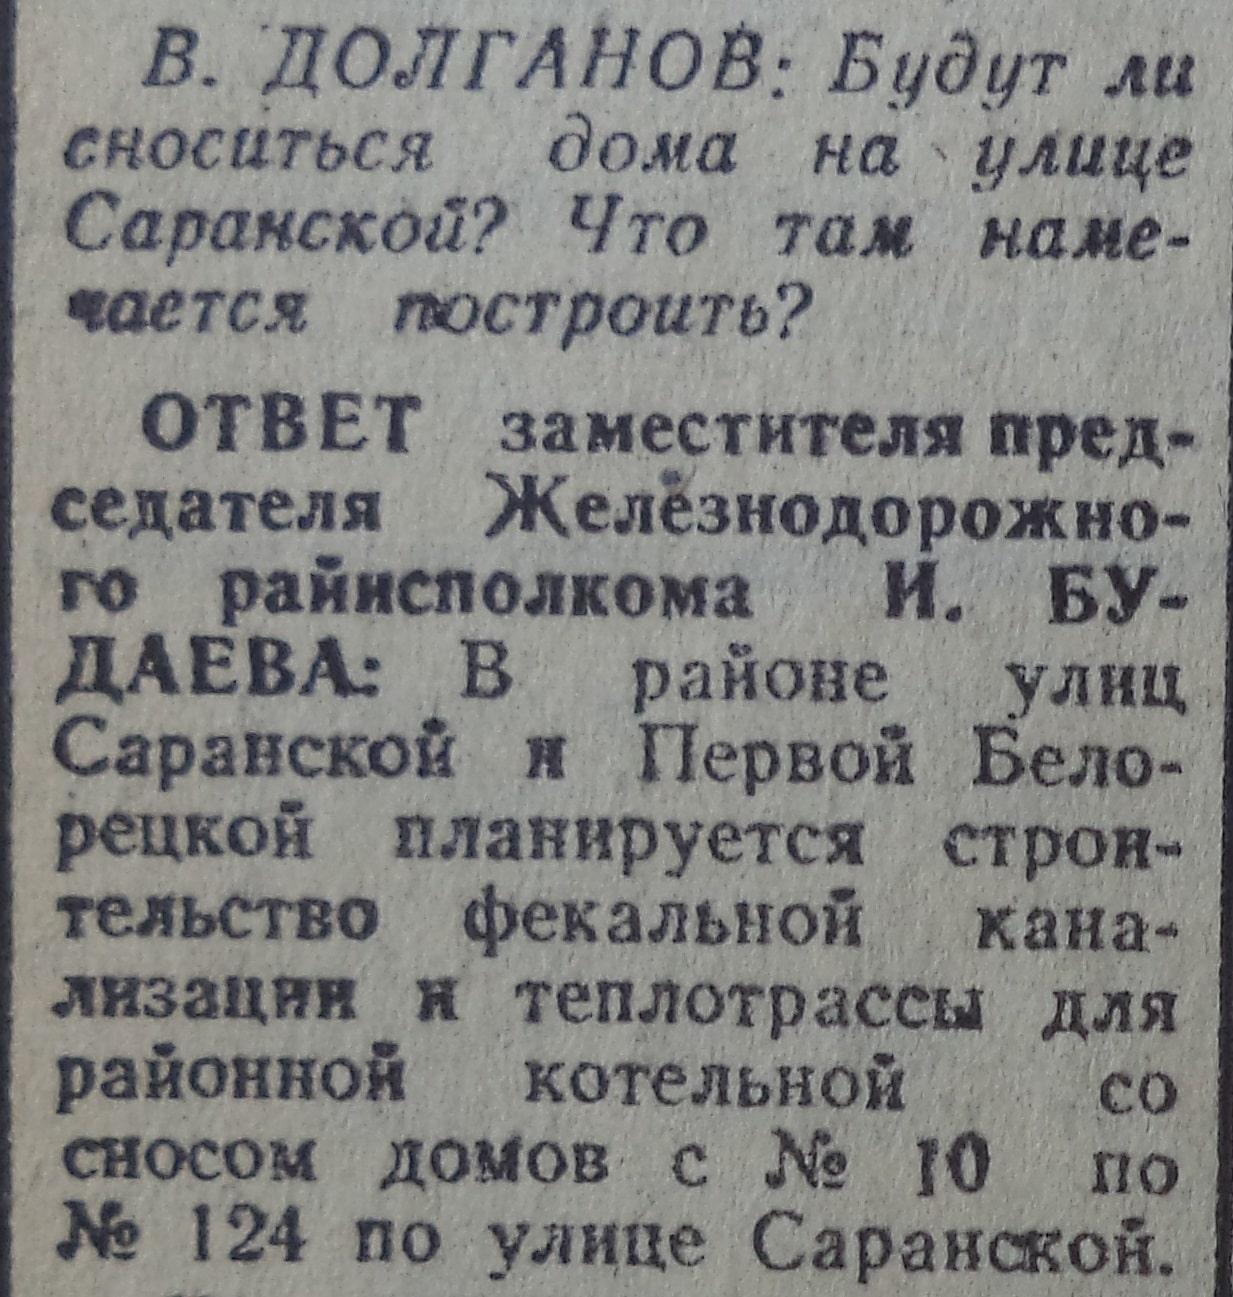 Саранская-ФОТО-11-ВЗя-1977-01-29-о сносе домов по Саранской-min